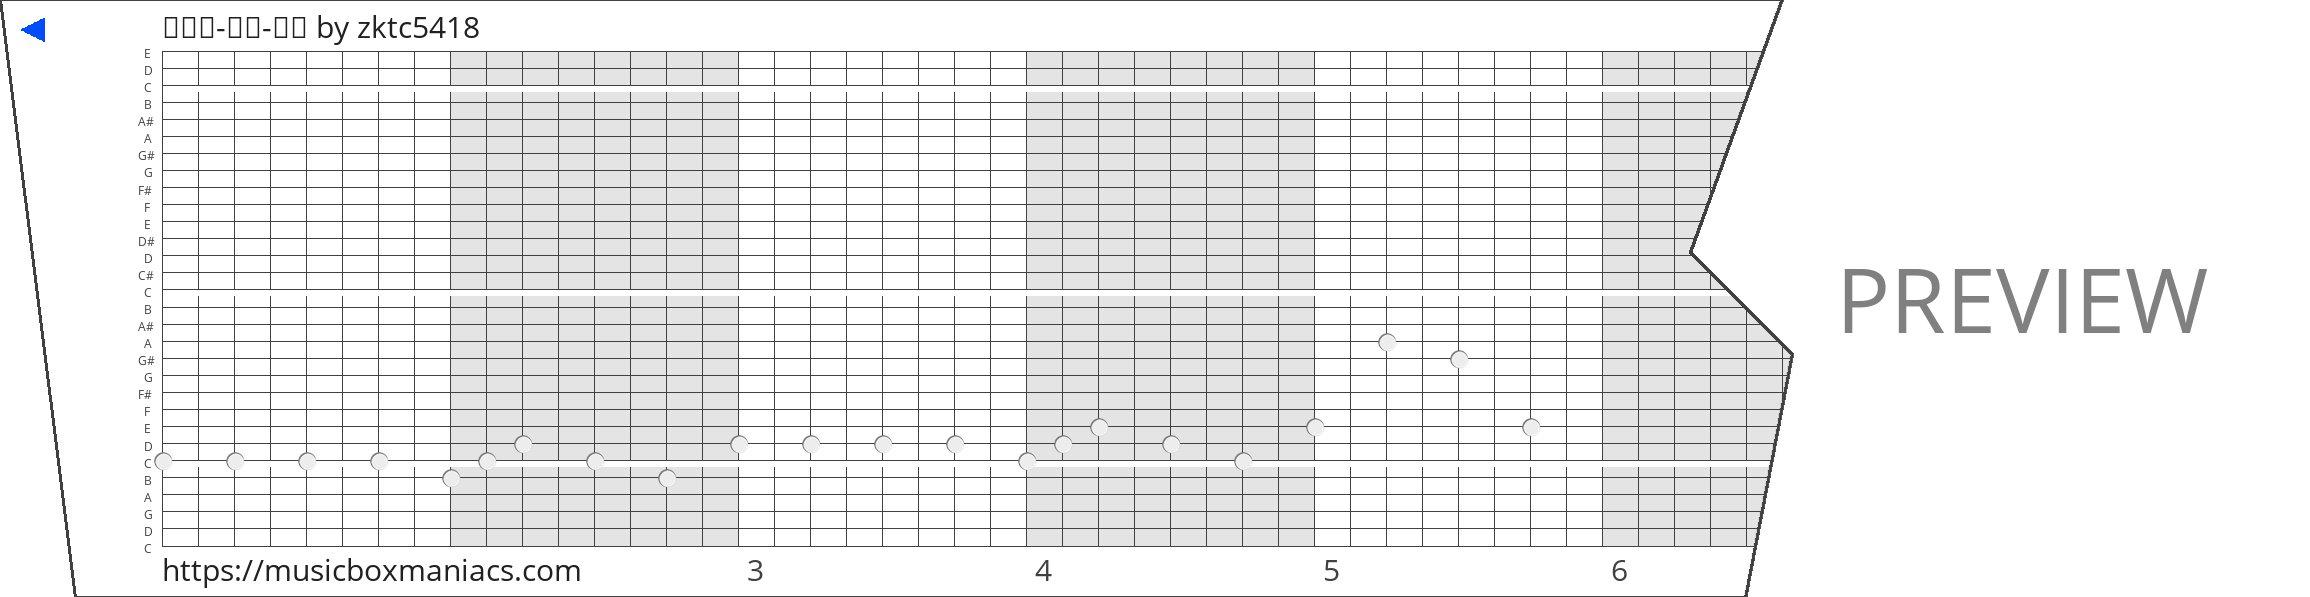 天鹅湖-古典-斯基 30 note music box paper strip